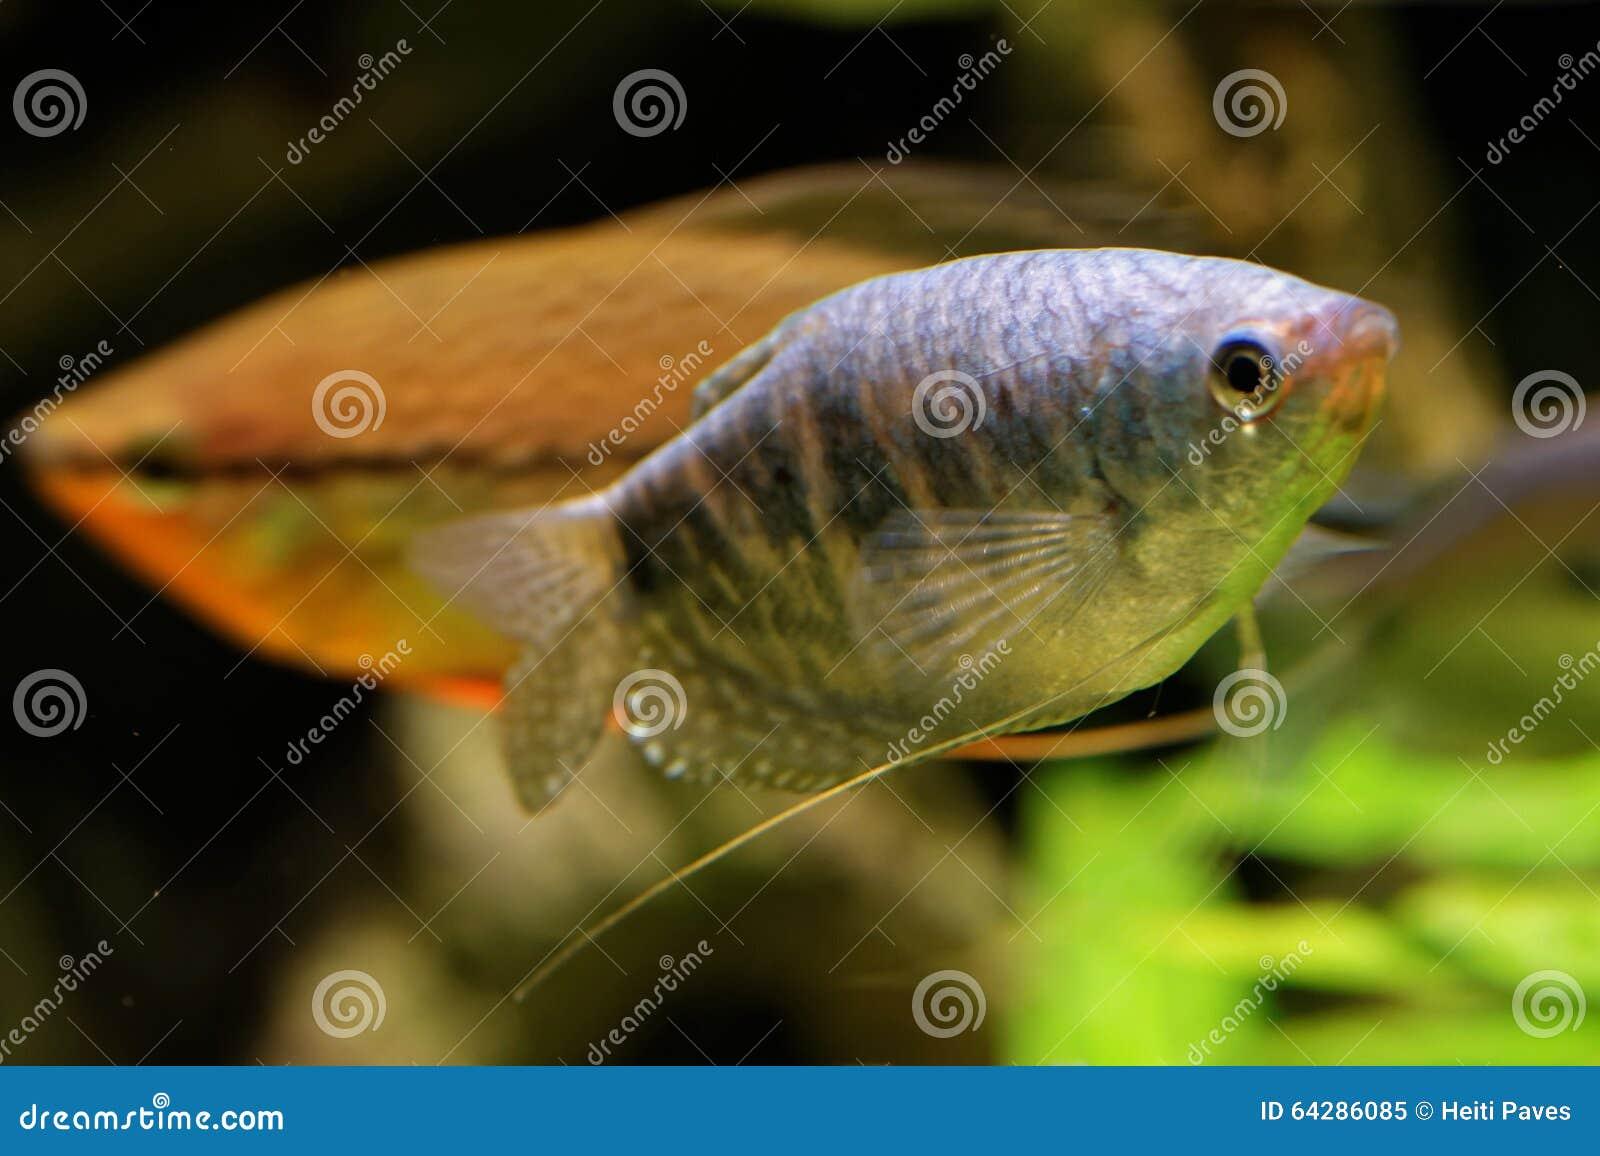 Pesce angelo d 39 acqua dolce immagine stock immagine di for Pesce pulitore acqua dolce fredda